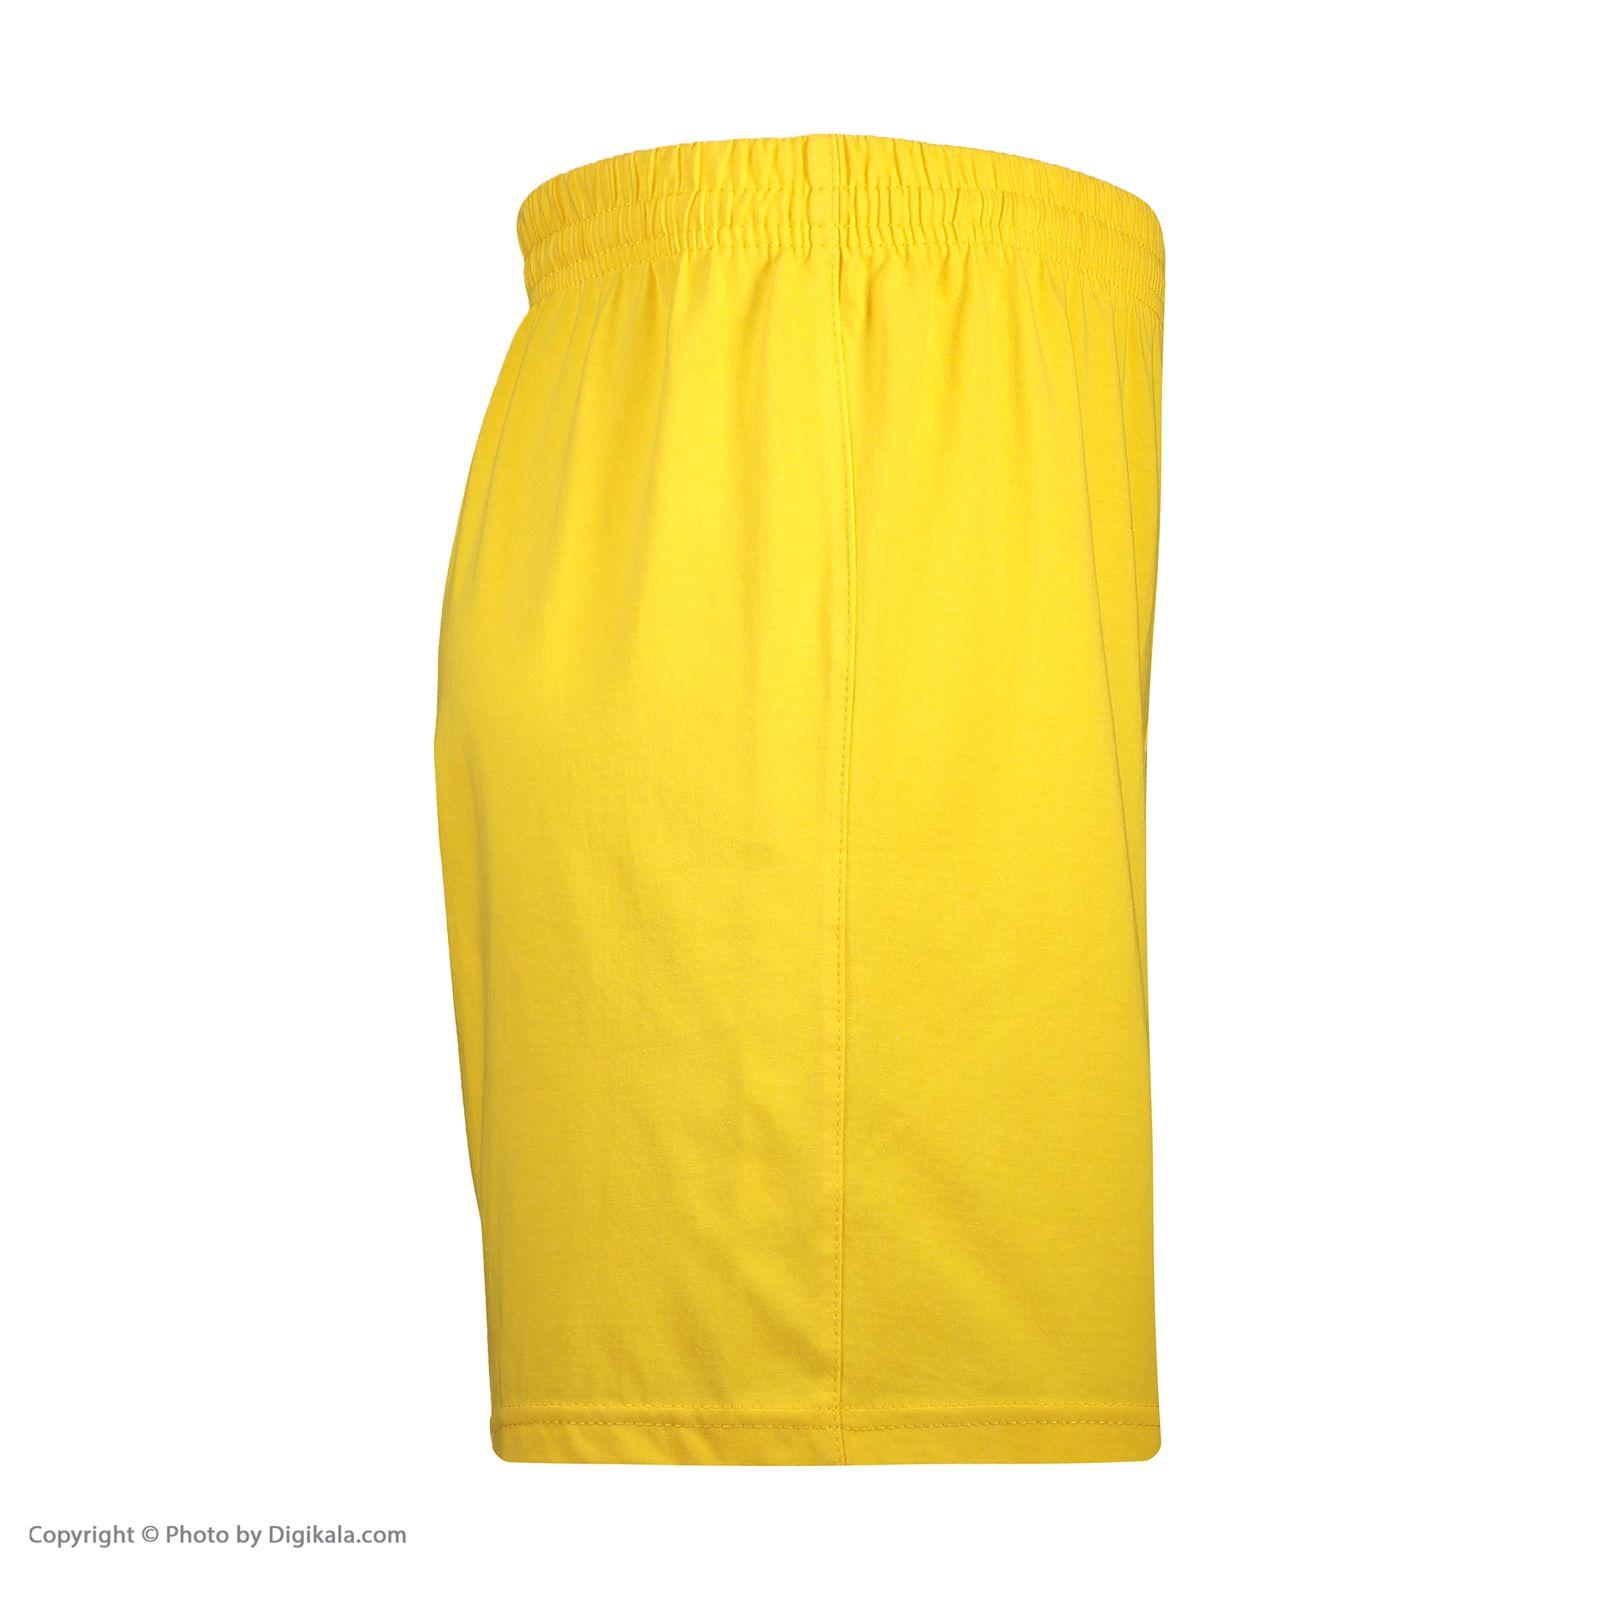 ست پیراهن و شورت ورزشی مردانه استارت مدل v1001-1 -  - 6